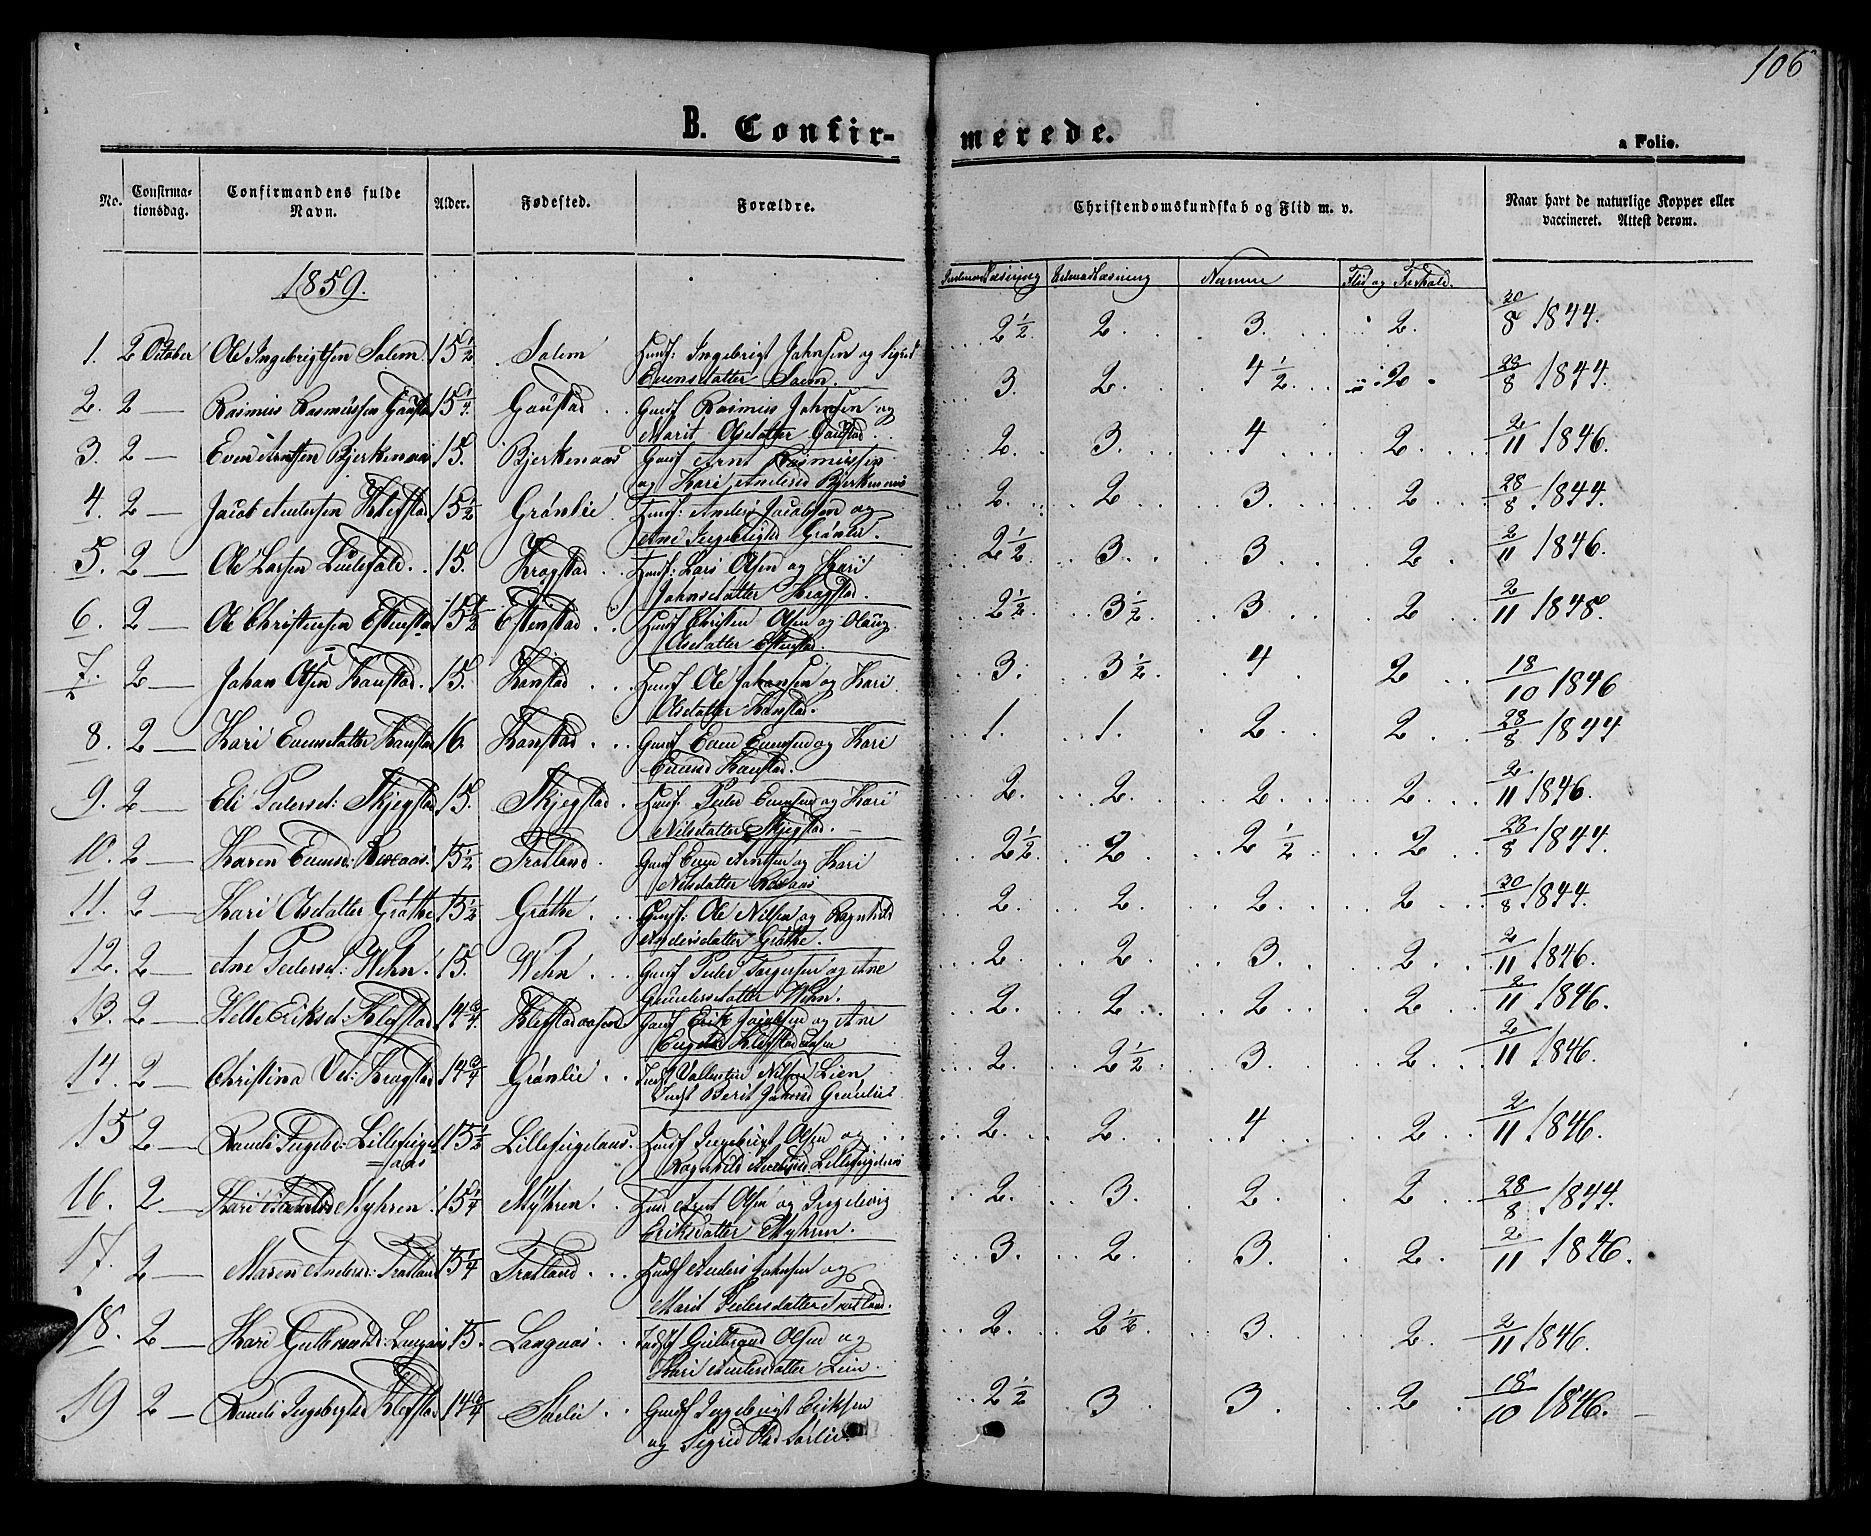 SAT, Ministerialprotokoller, klokkerbøker og fødselsregistre - Sør-Trøndelag, 694/L1131: Klokkerbok nr. 694C03, 1858-1886, s. 106